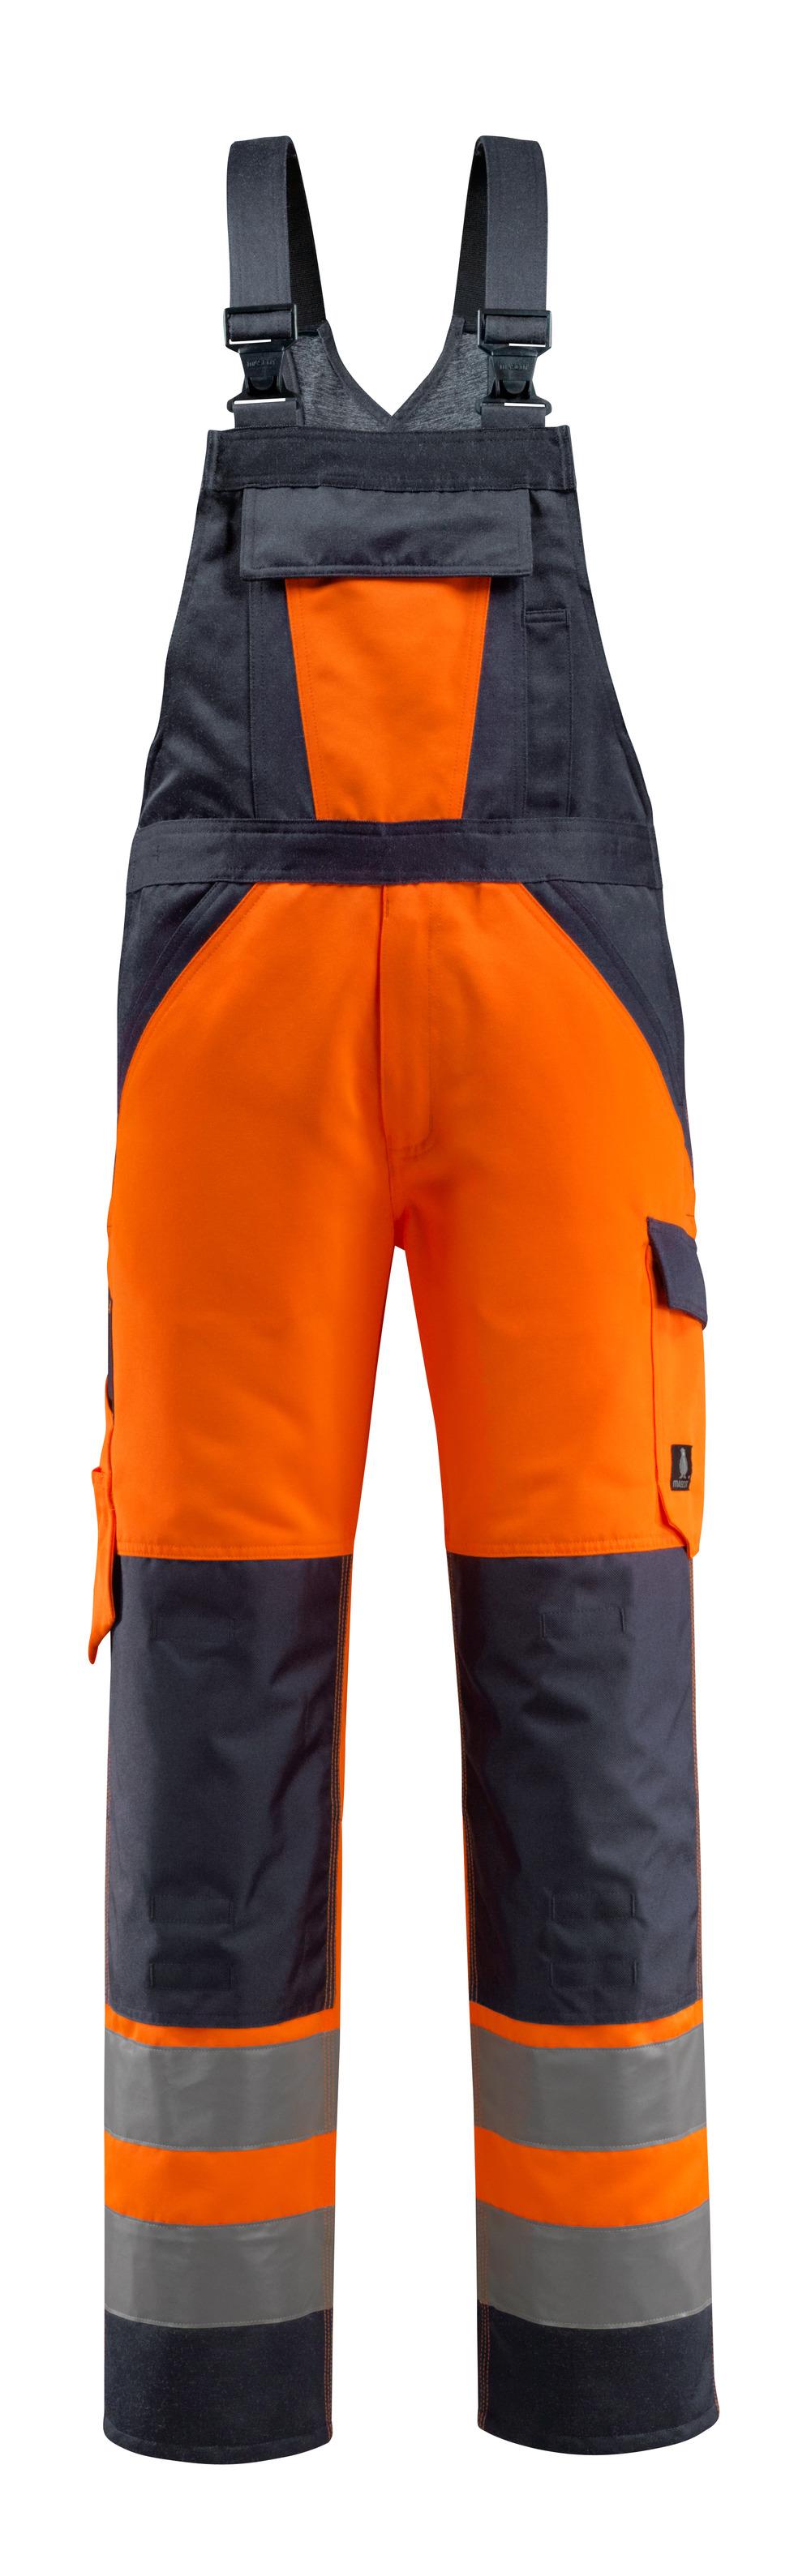 15969-948-14010 Avosuoja polvitaskuilla - hi-vis oranssi/tumma laivastonsininen